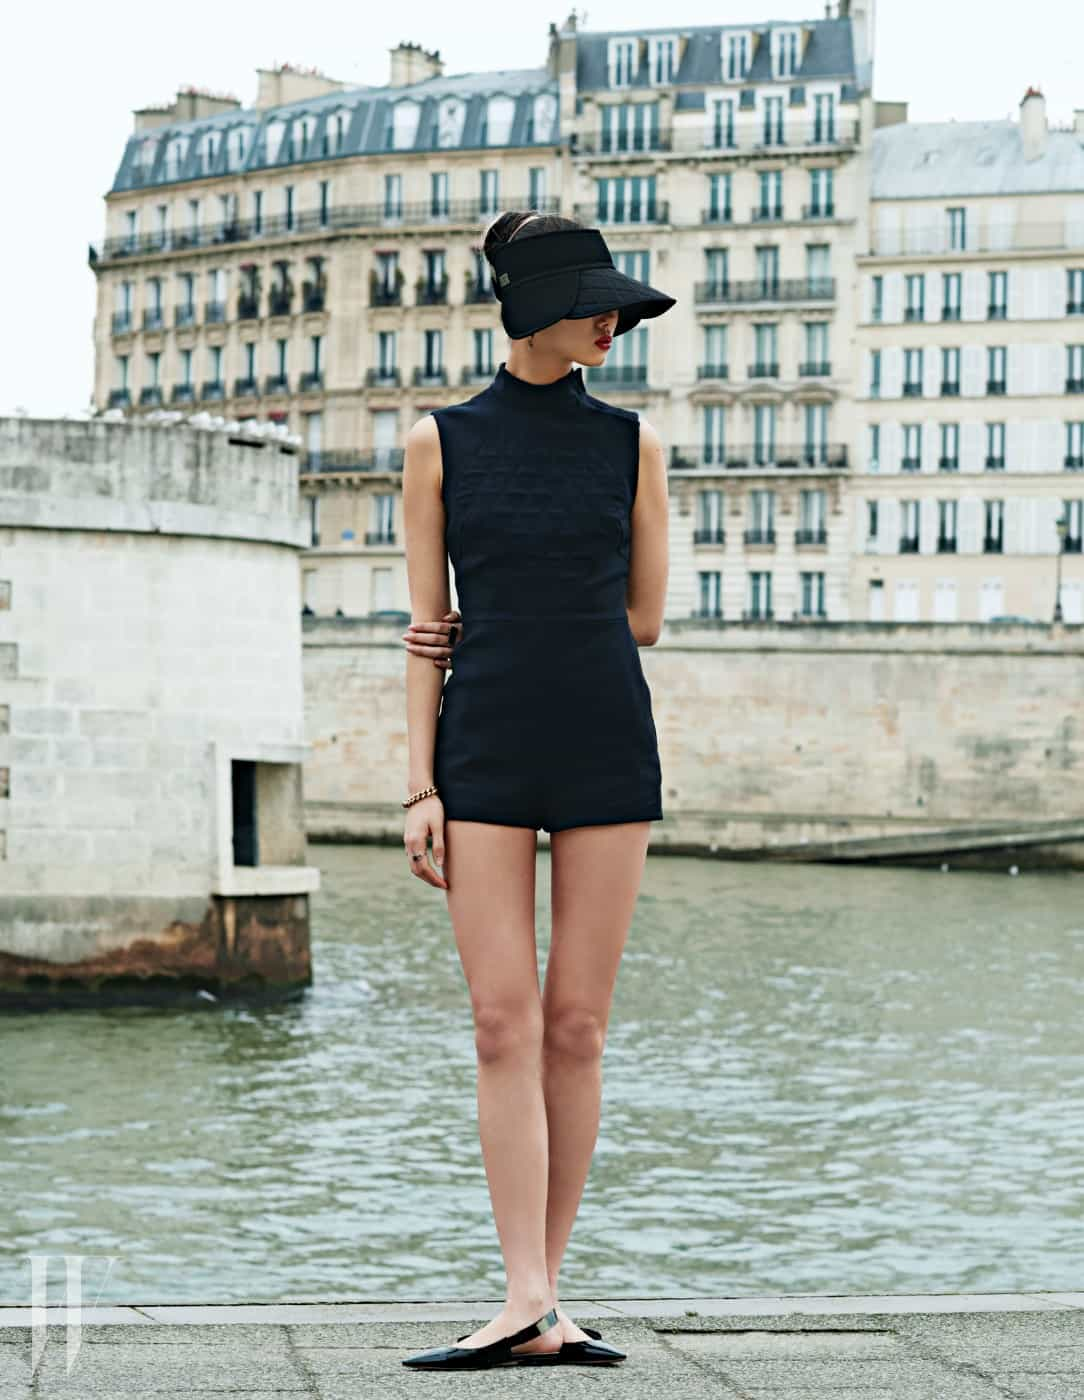 검정 선캡과 슬리브리스 점프슈트, 체인 팔찌와 반지, 앞코가 뾰족한 플랫 슈즈는 모두 Dior 제품.